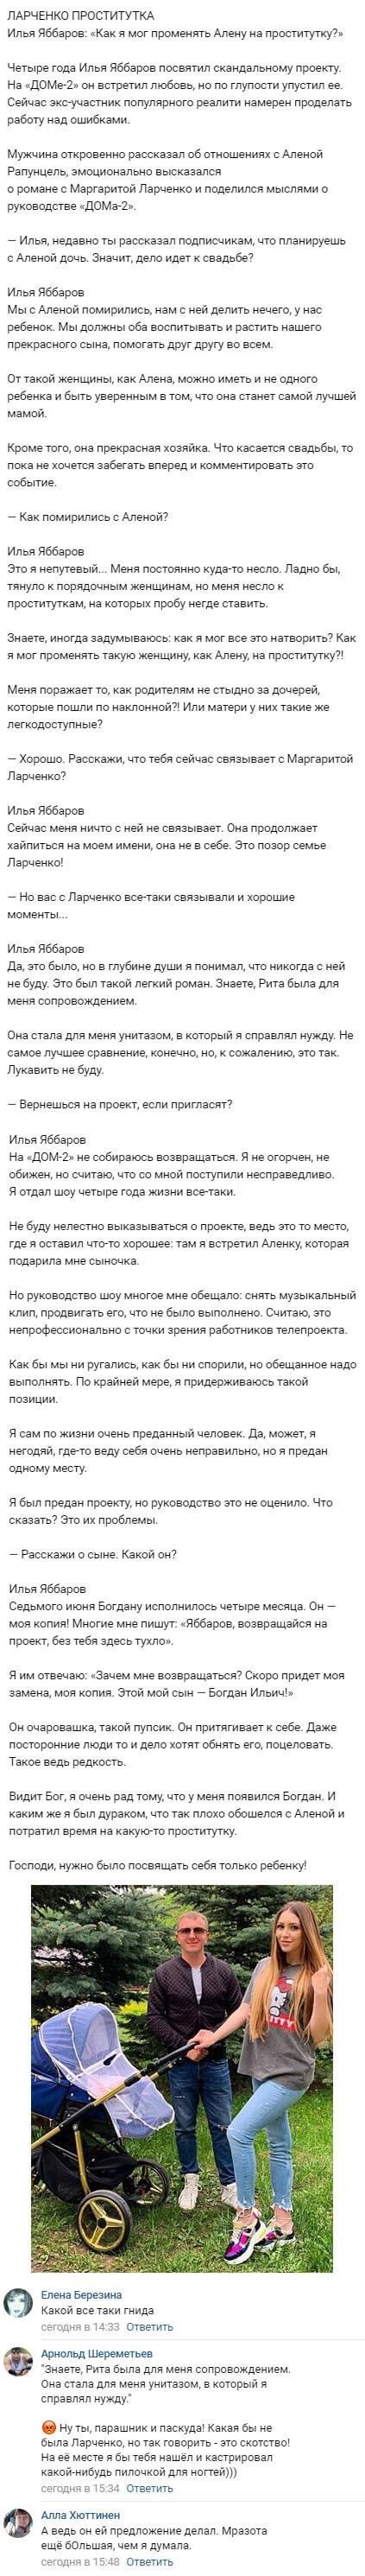 Илья Яббаров сделал откровенное признание по поводу Маргариты Ларченко